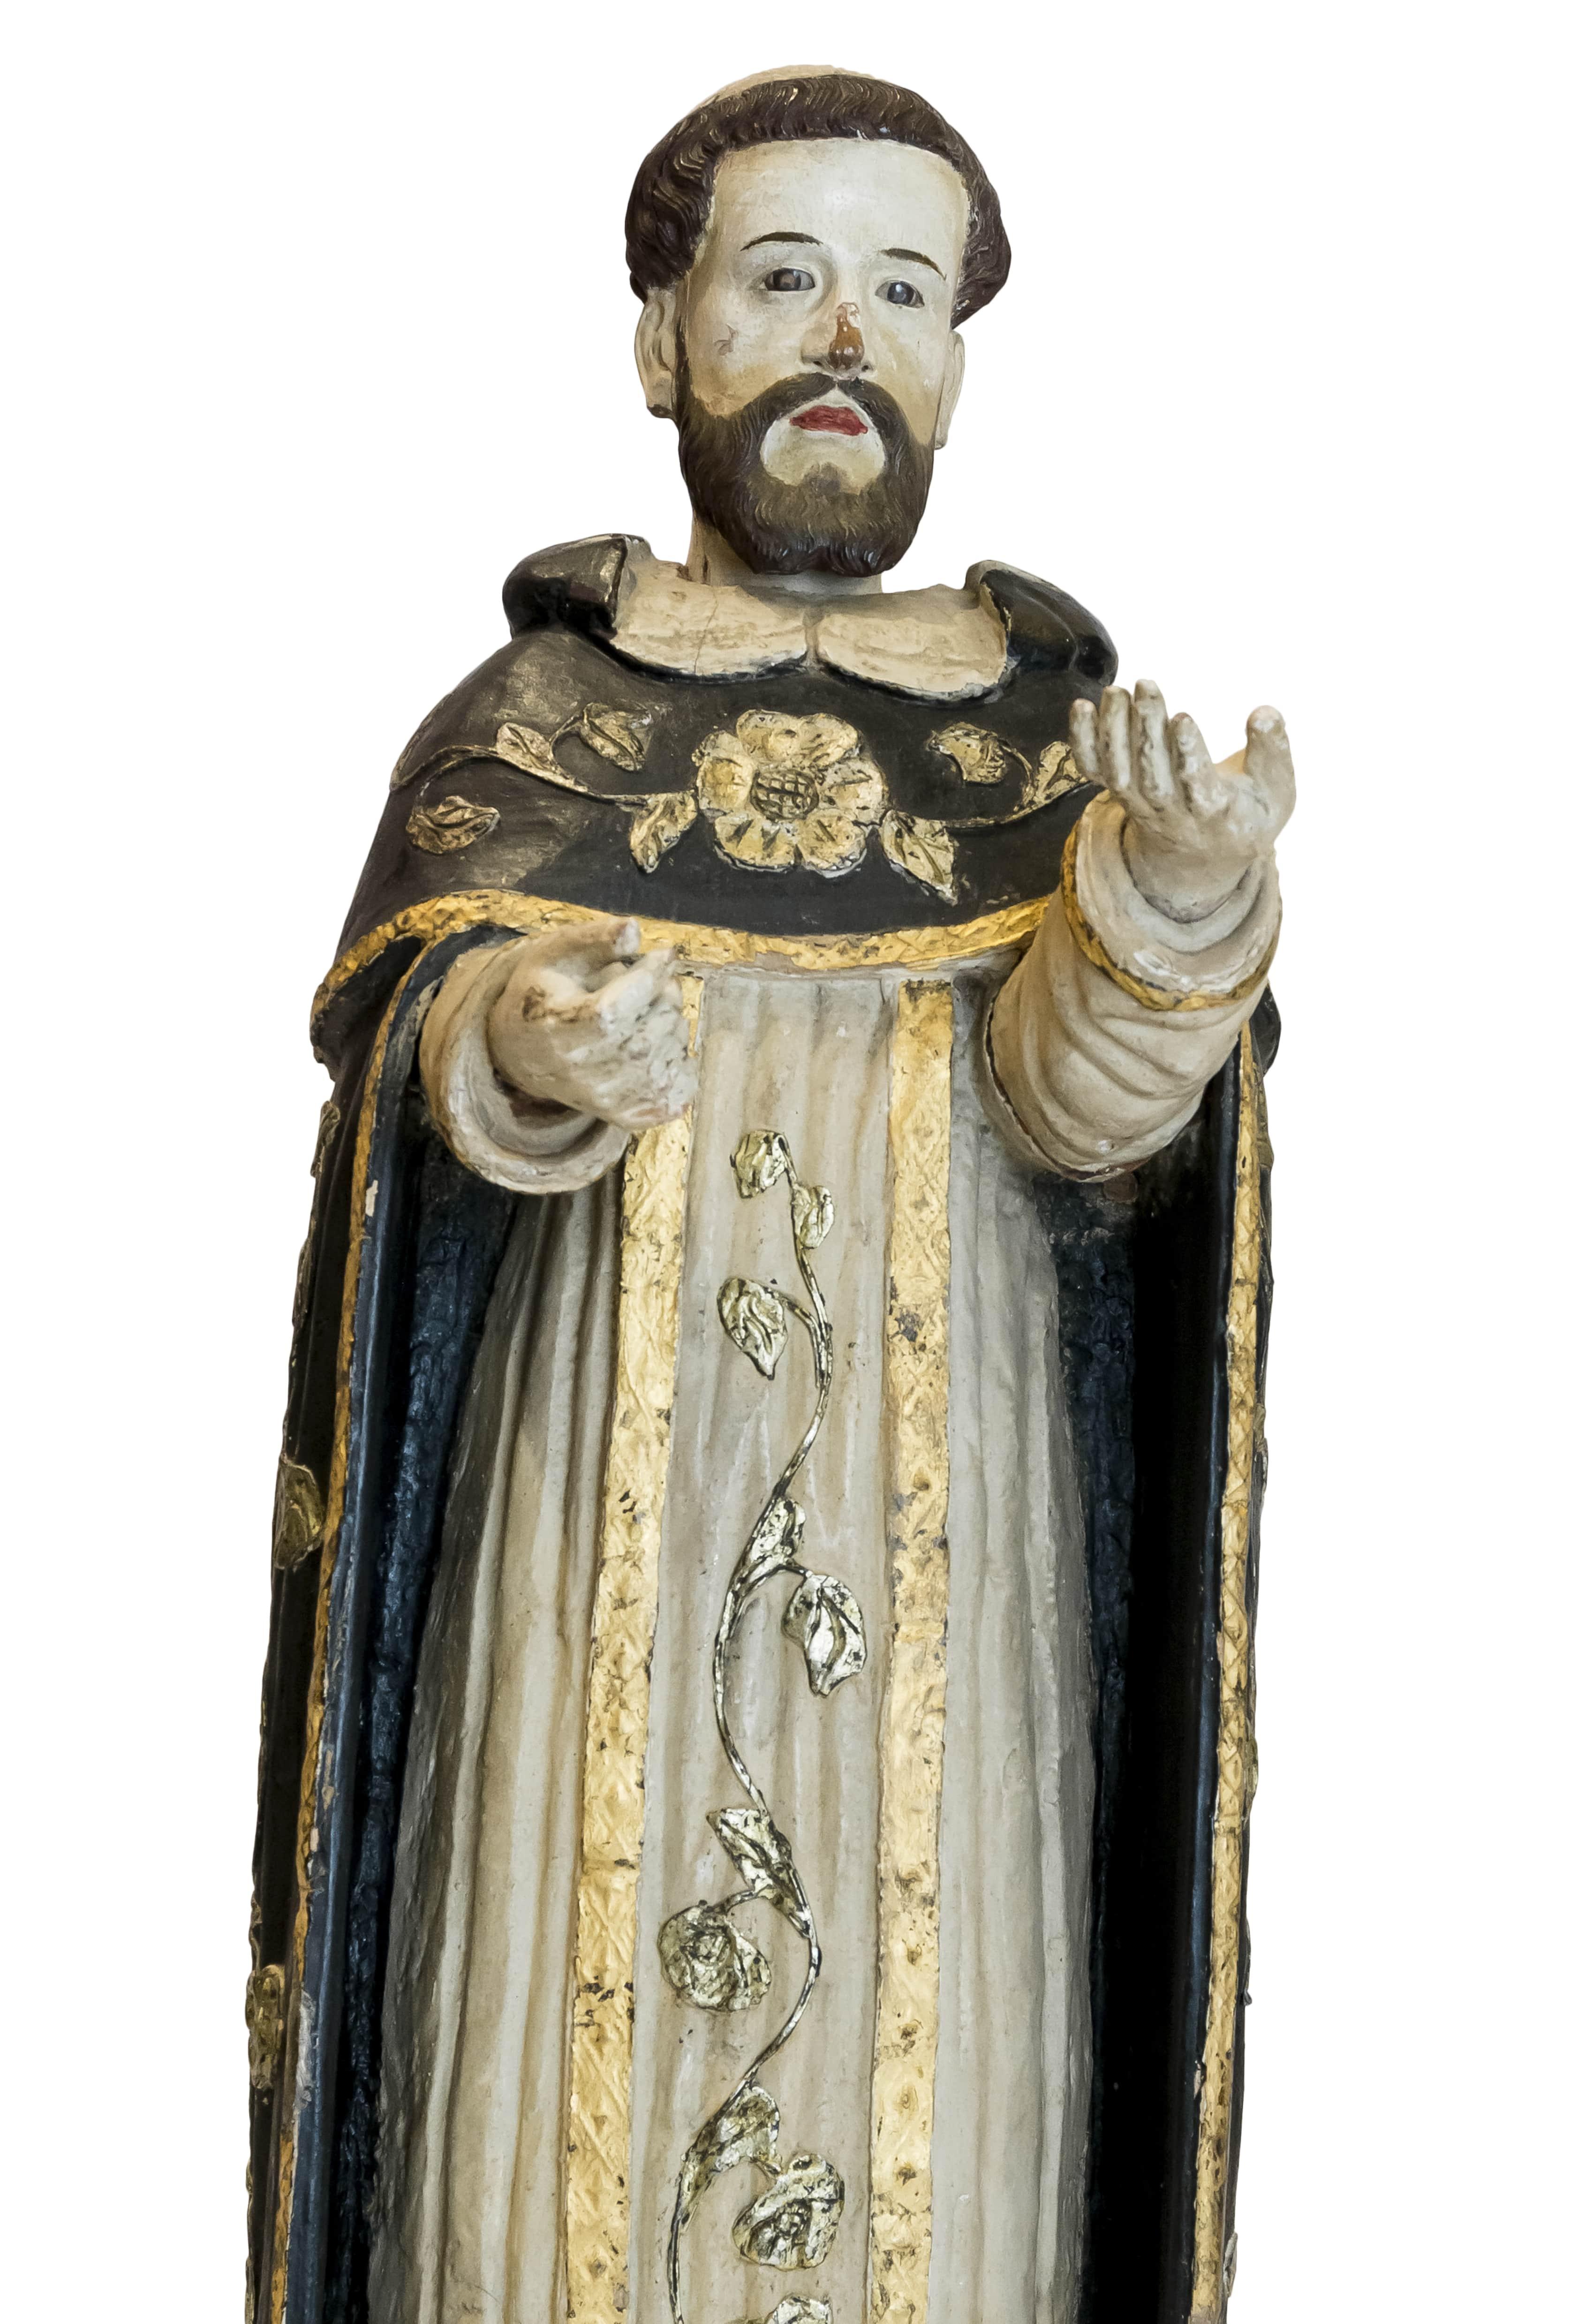 Escultura religiosa en madera San Francisco de Asís